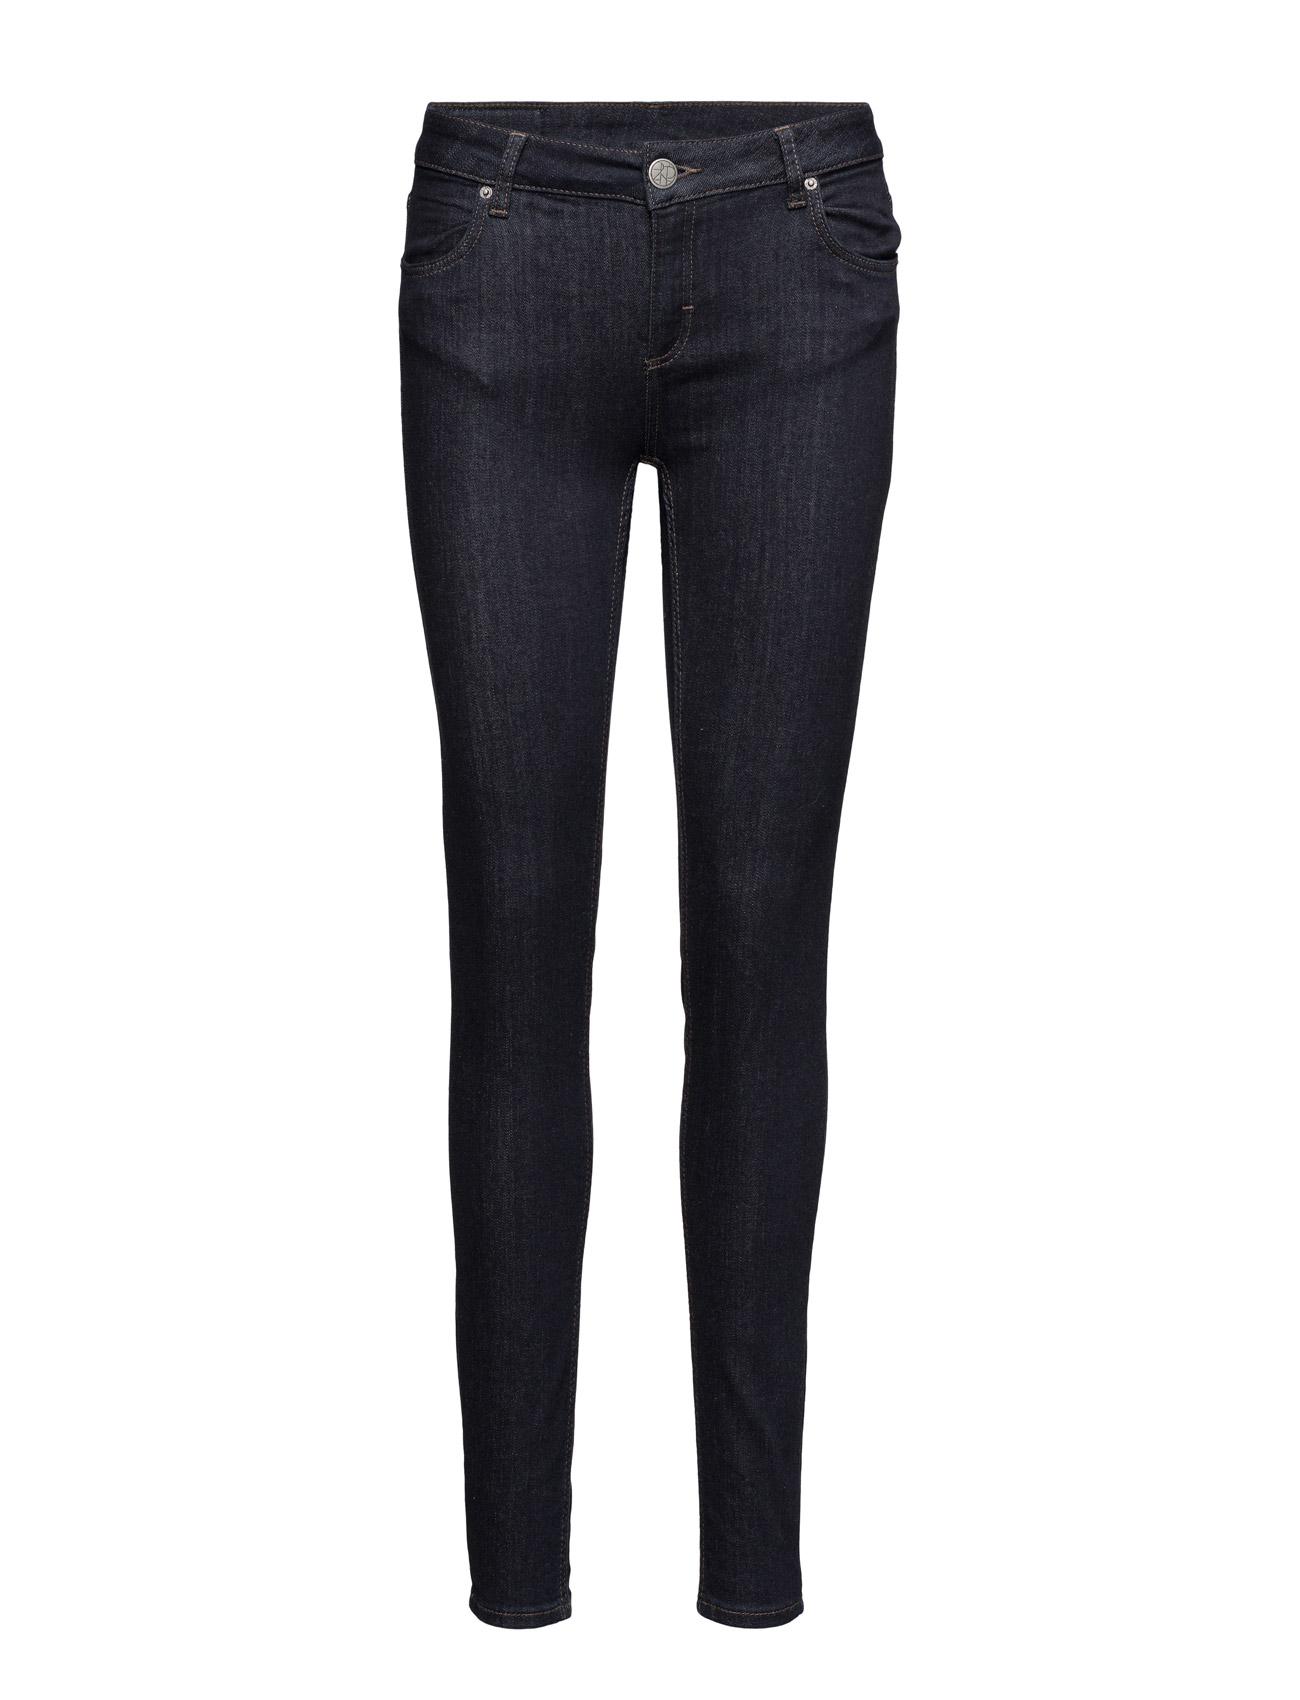 Nicole 112 golden rinse, jeans fra 2nd one på boozt.com dk